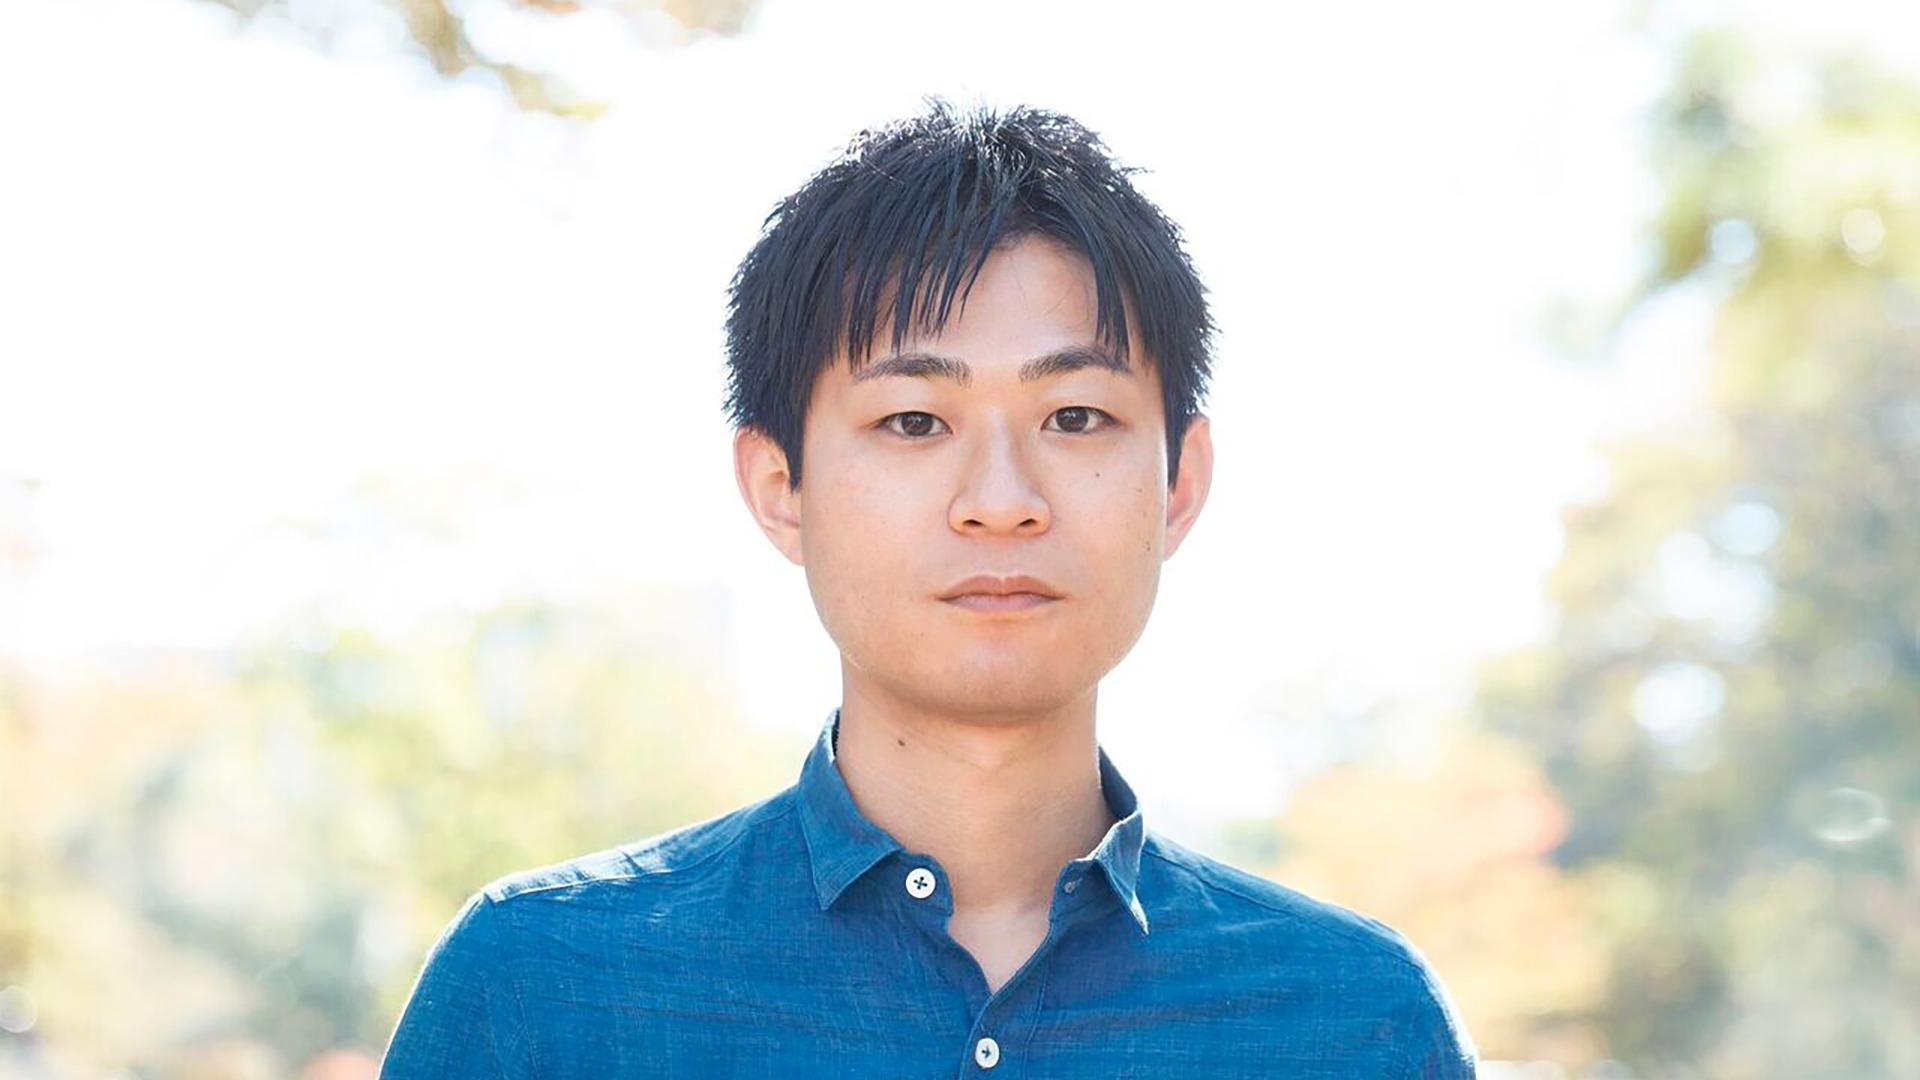 ショートショート作家・田丸雅智(たまる・まさとも)